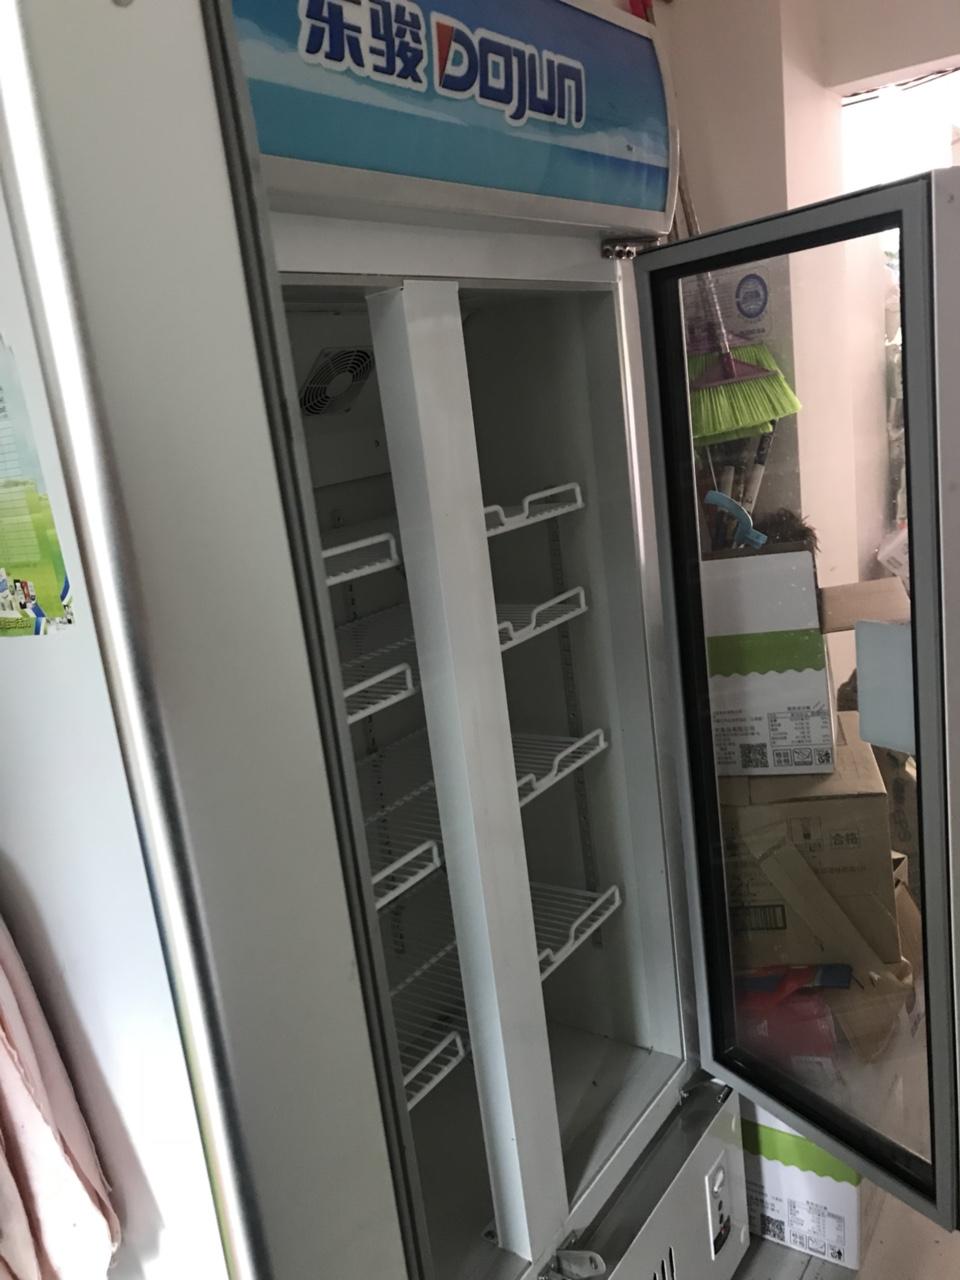 东骏双们冷藏柜,9.9成新,没地方放,原价3500,现价2000处理。